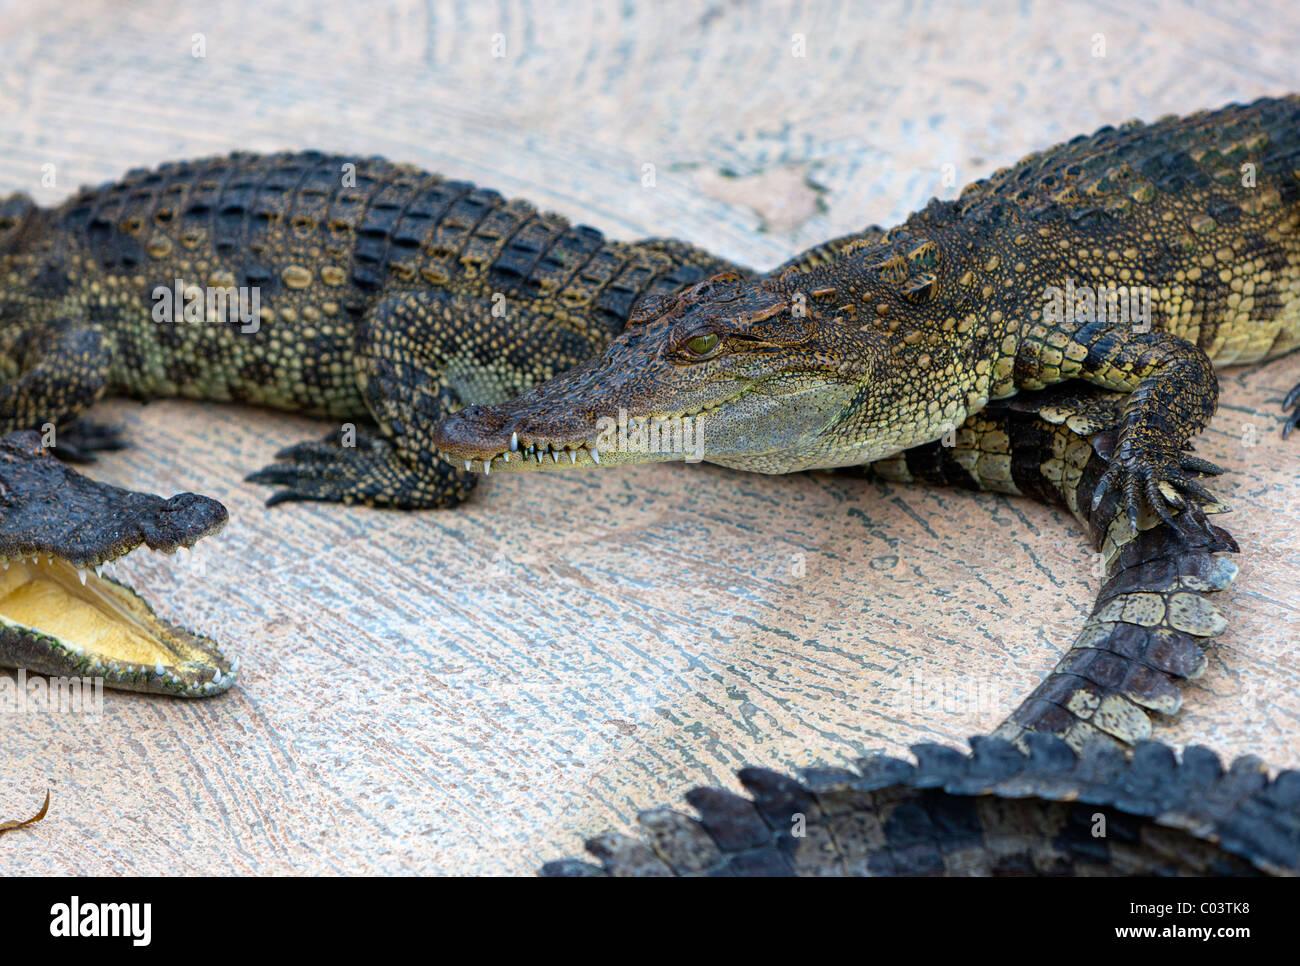 The Siamese crocodile (Crocodylus siamensis) in Crocodile Farm. Siem Reap. Cambodia. Asia - Stock Image